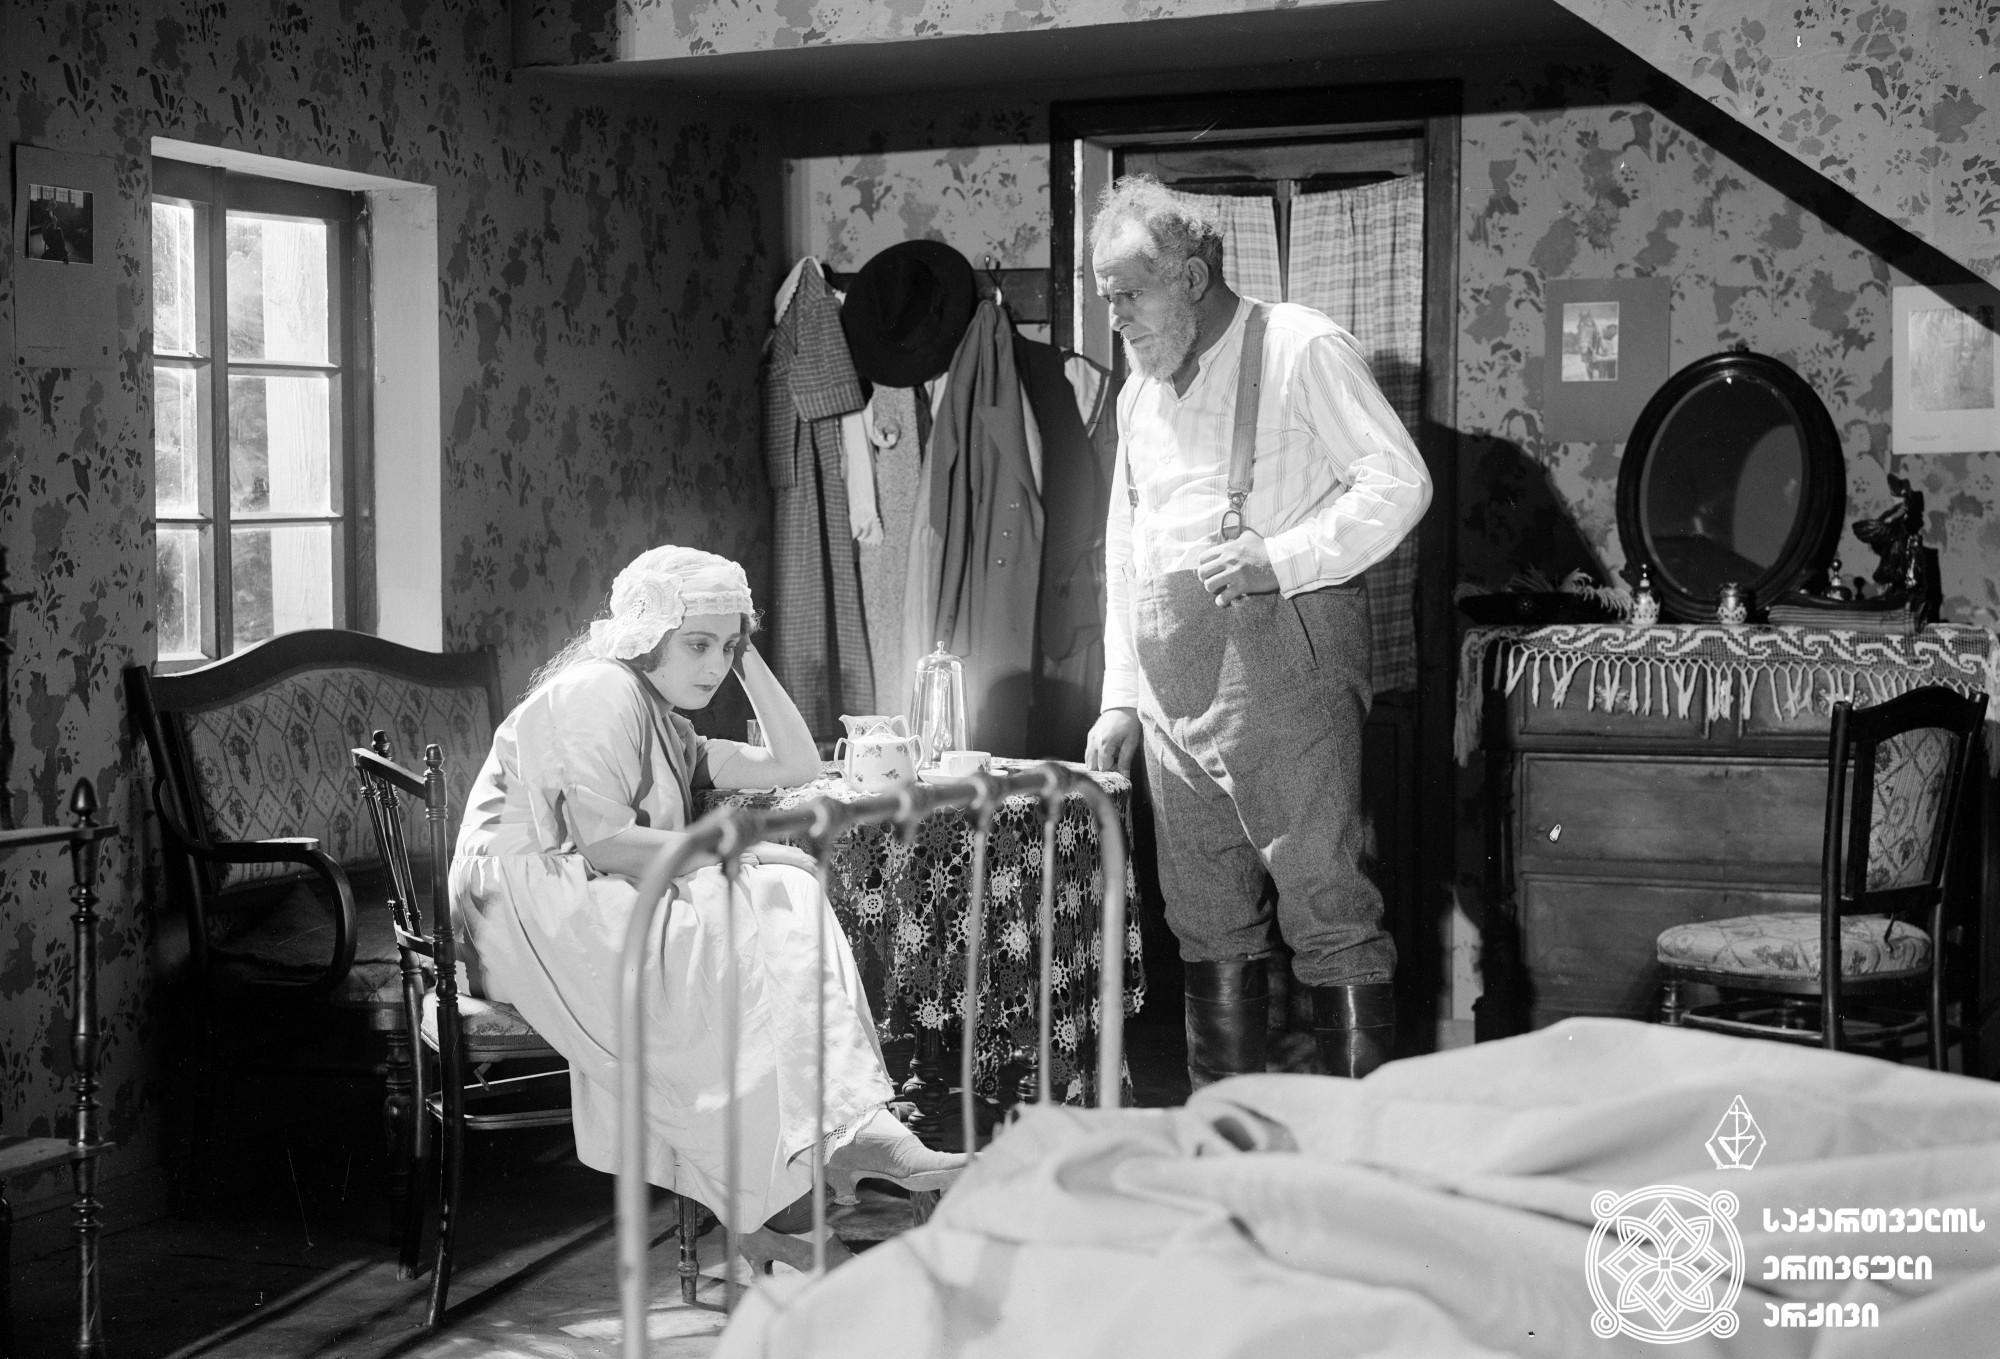 """""""ქალი ბაზრობიდან"""" 1928. <br> რეჟისორი: გიორგი მაკაროვი. <br> სცენარის ავტორები: გიორგი მაკაროვი, პეტრე მორსკოი, ვიქტორ ენგელსი. ოპერატორი: ვიქტორ ენგელსი. მხატვარი: რობერტ ფედორი. <br>  ფილმი გადაღებულია იუჯინ  ო'ნილის პიესის """"სიყვარული თელებ ქვეშ"""" მიხედვით. <br>  Kali Bazrobidan (Woman from Bazar). 1928. <br> Director: Giorgi Makarov. <br> Screenwriters: Giorgi Makarov, Petre Morskoy, Victor Engels.  Camera operator: Victor Engels. Production designer: Robert Fedor. <br>  Film is shot according to Eugene O'Neill's play Desire Under the Elms."""